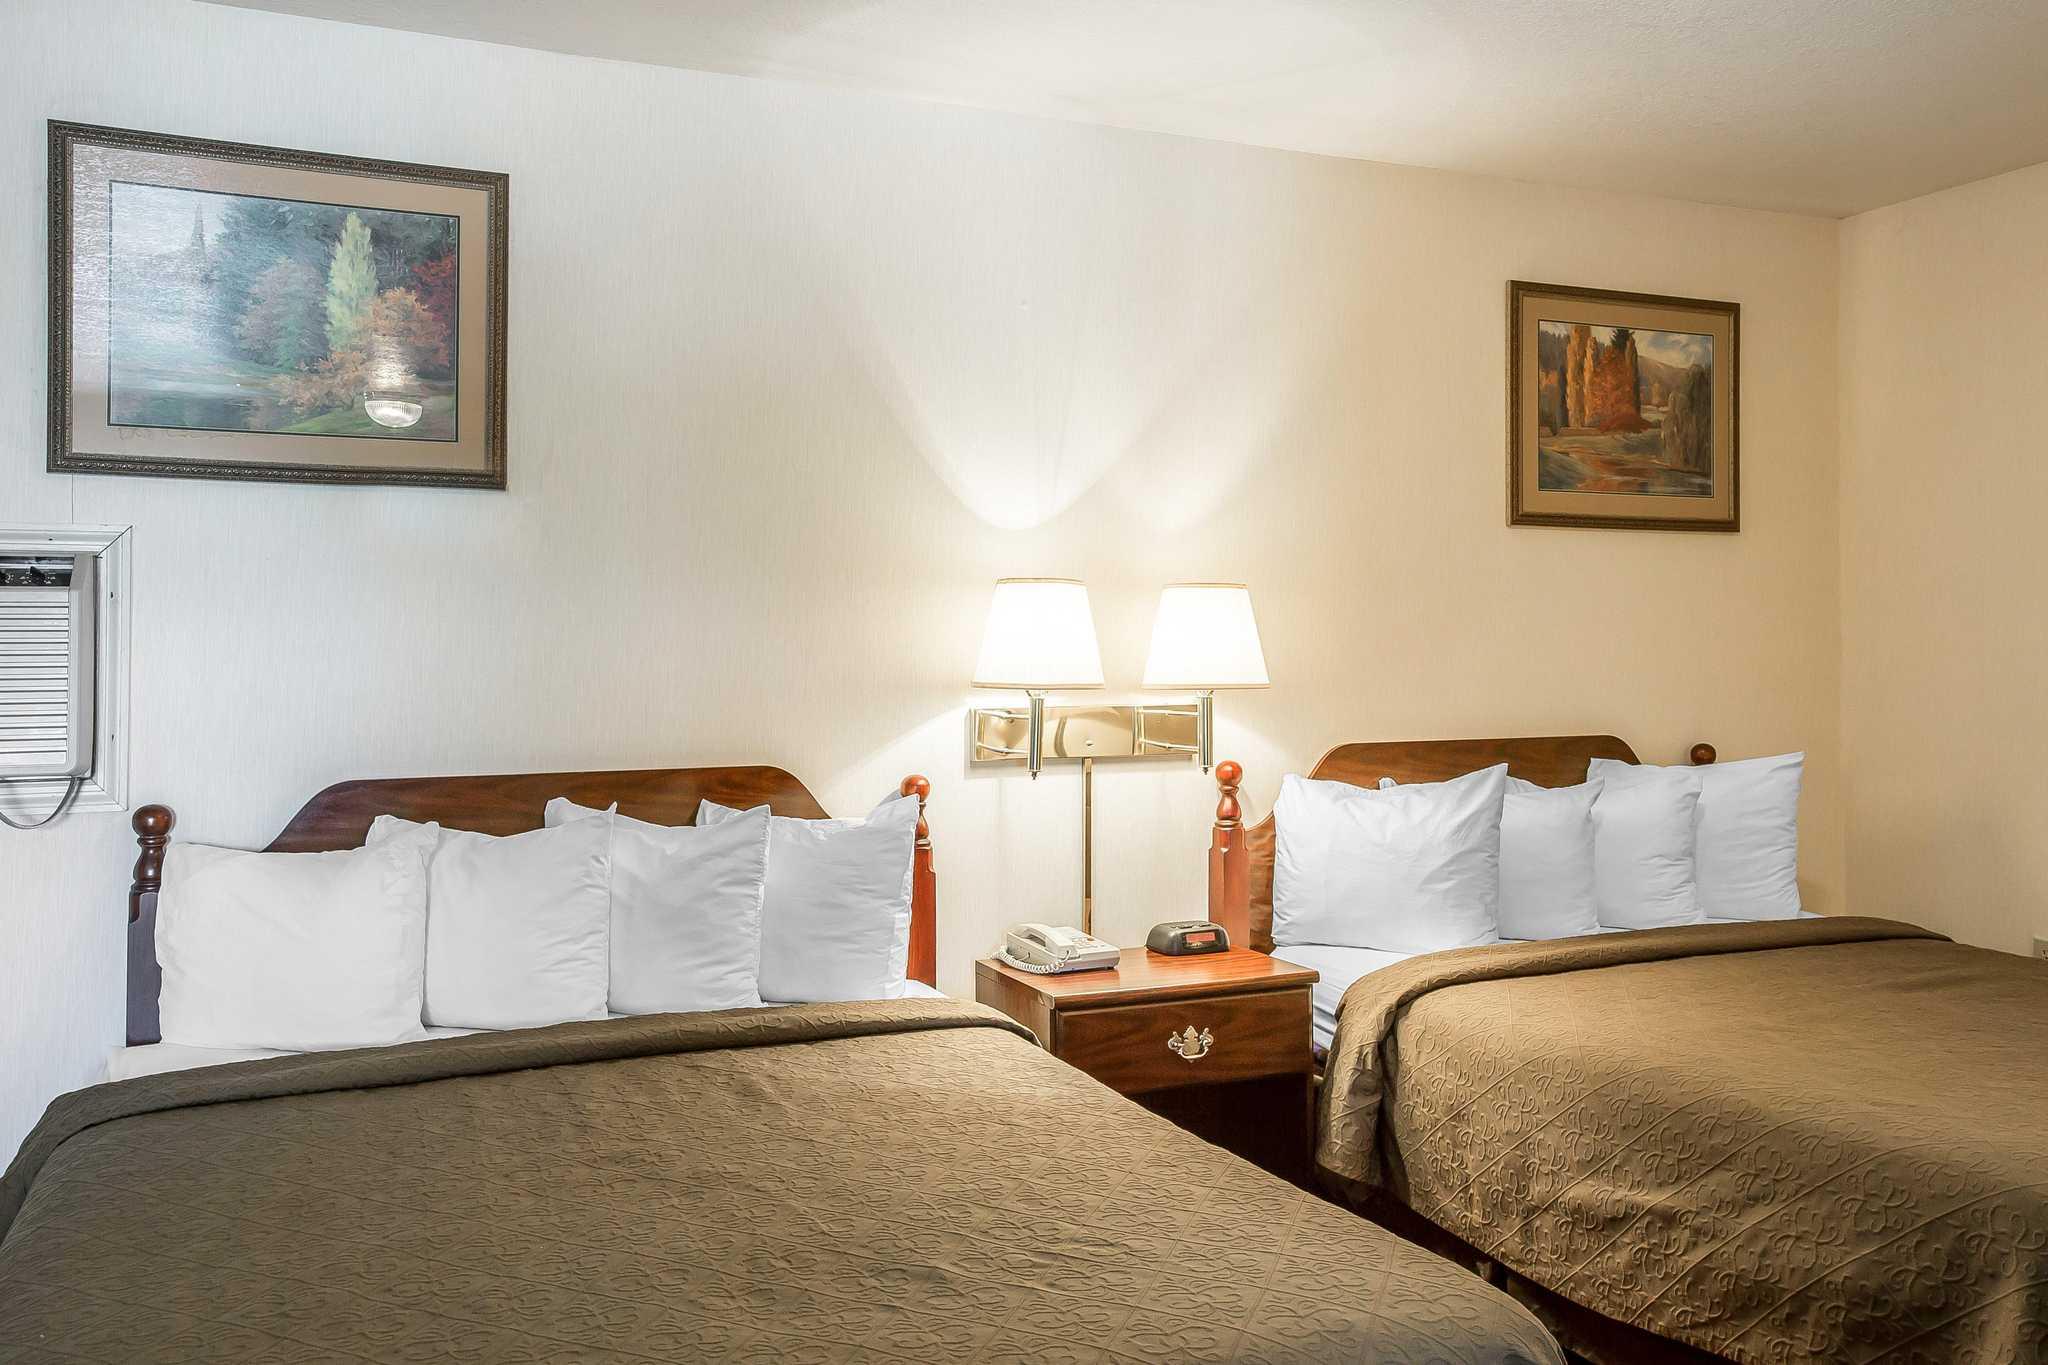 Quality Inn & Suites Mt. Chalet image 24